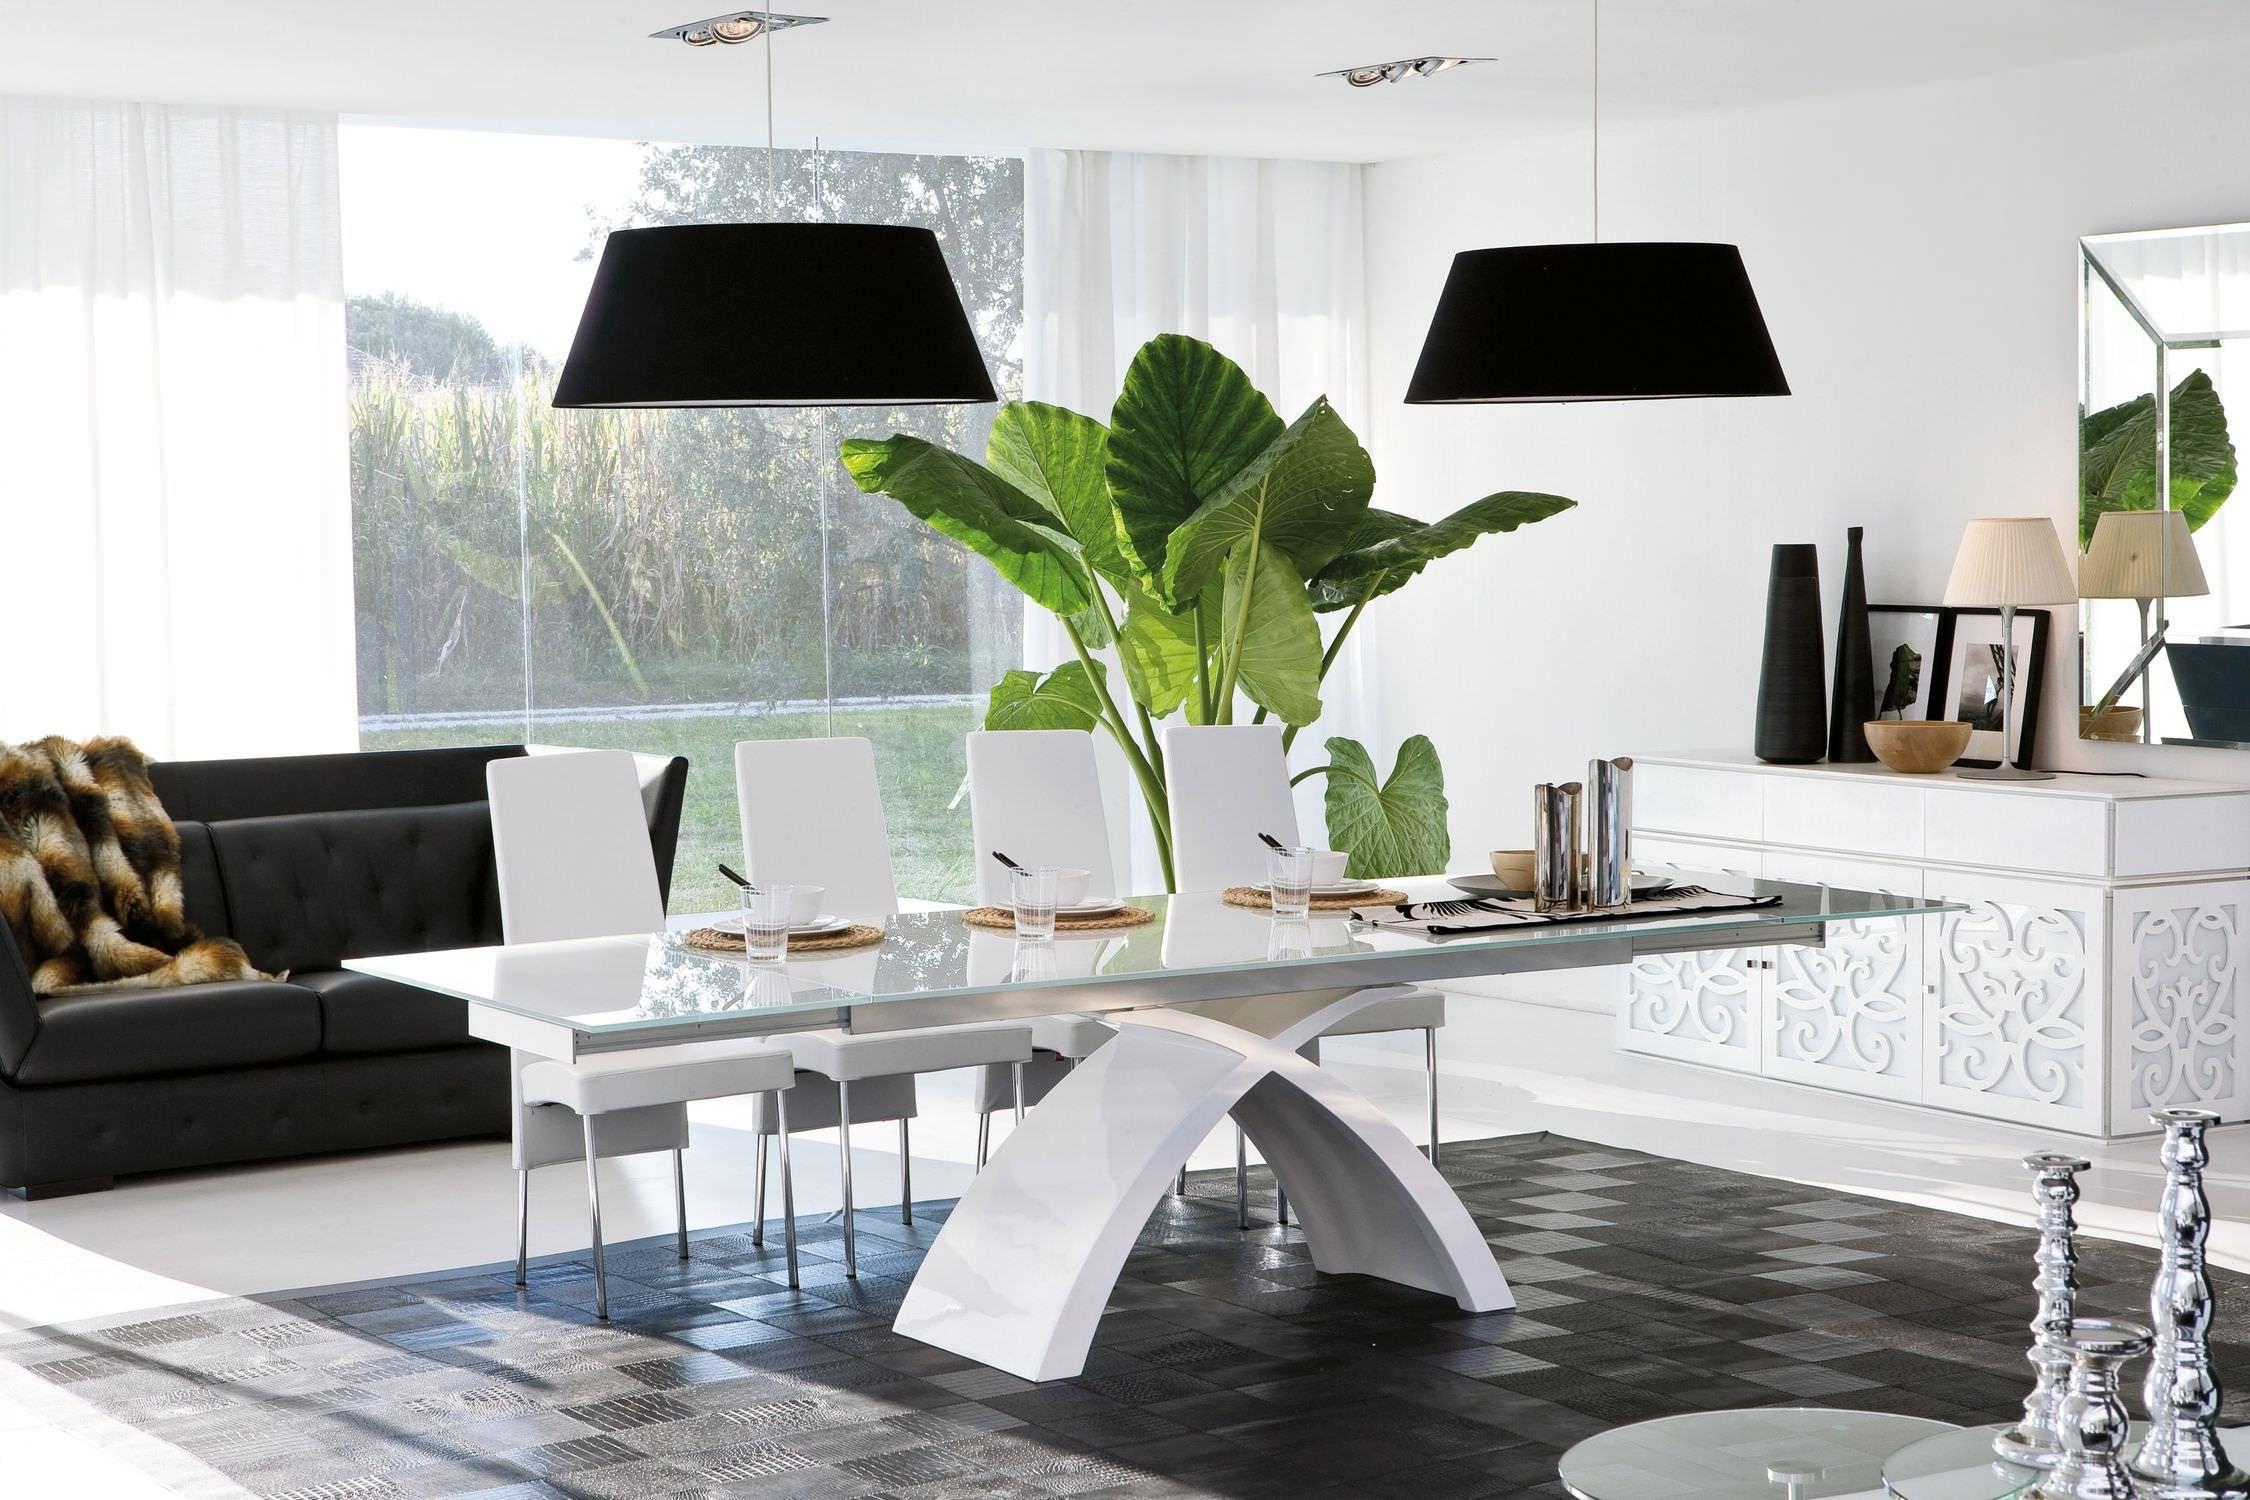 Ausgezeichnet Küche Ess Set Auf Rollen Galerie - Ideen Für Die Küche ...